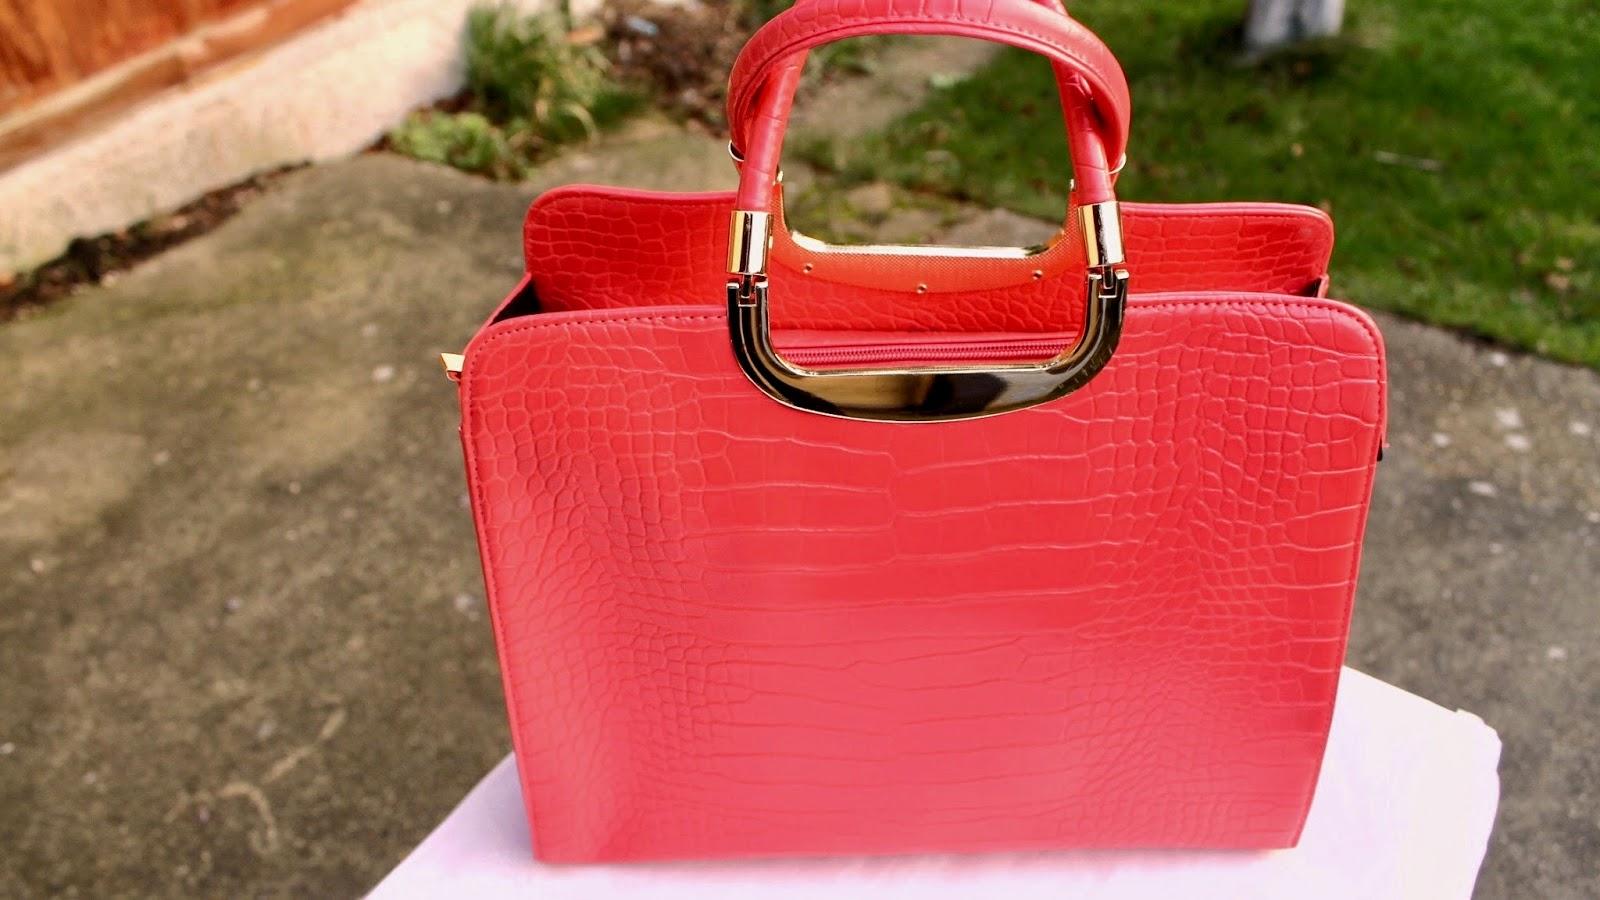 Dorothy Perkins Red Handbag